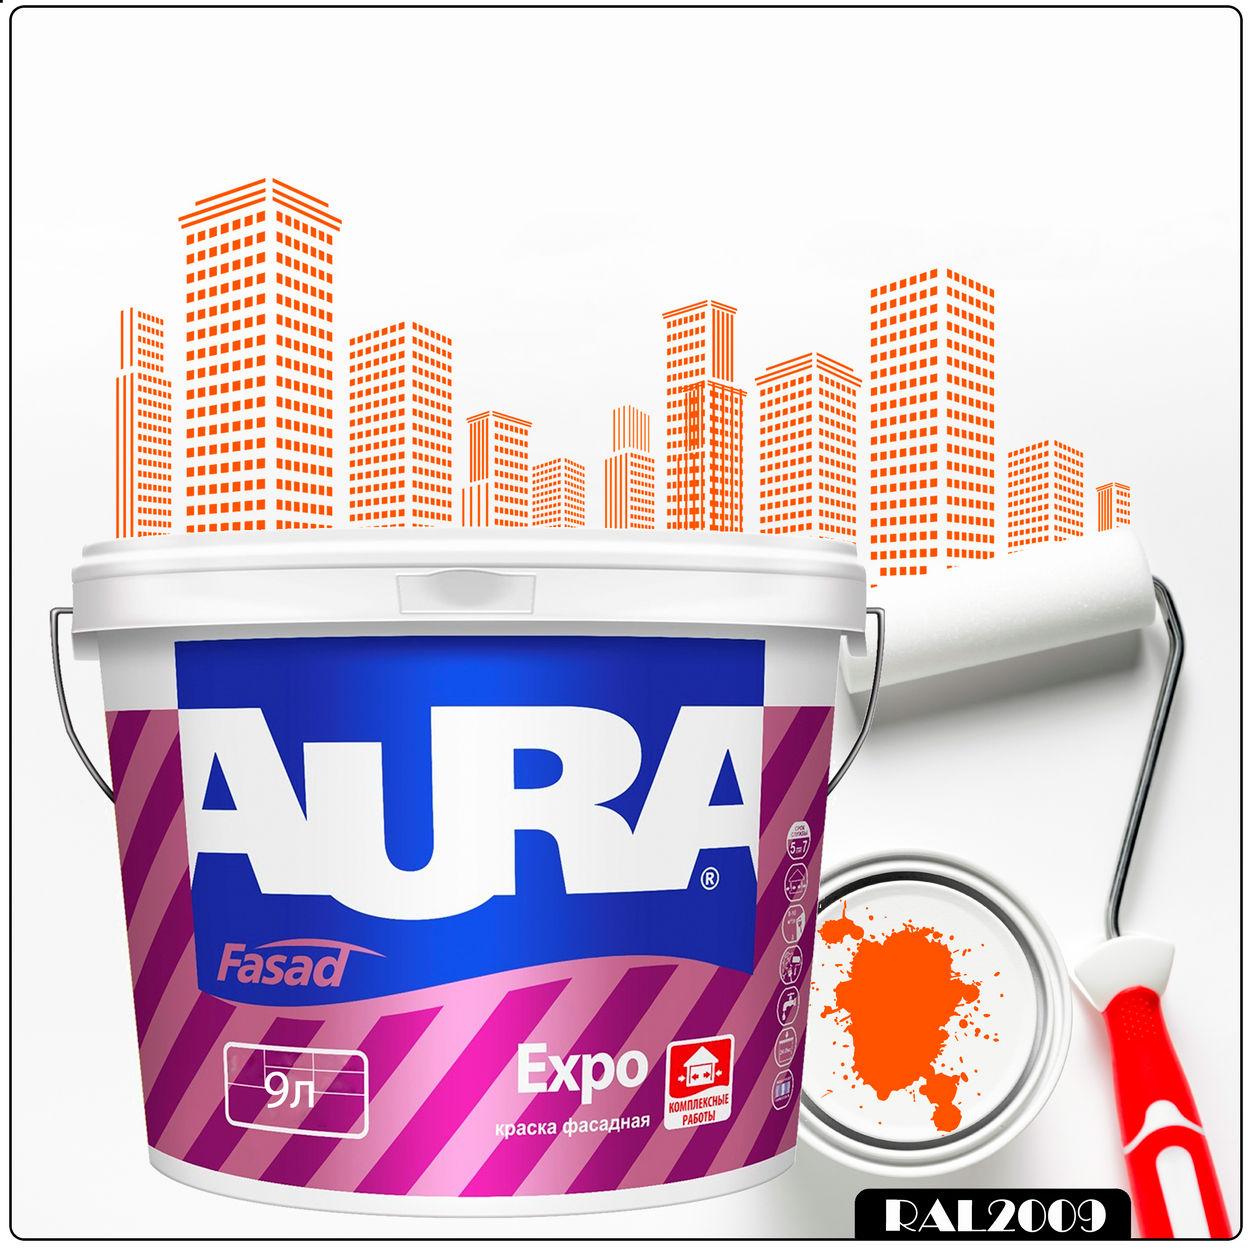 Фото 7 - Краска Aura Fasad Expo, RAL 2009 Транспортный оранжевый, матовая, для фасадов и помещений с повышенной влажностью, 9л.